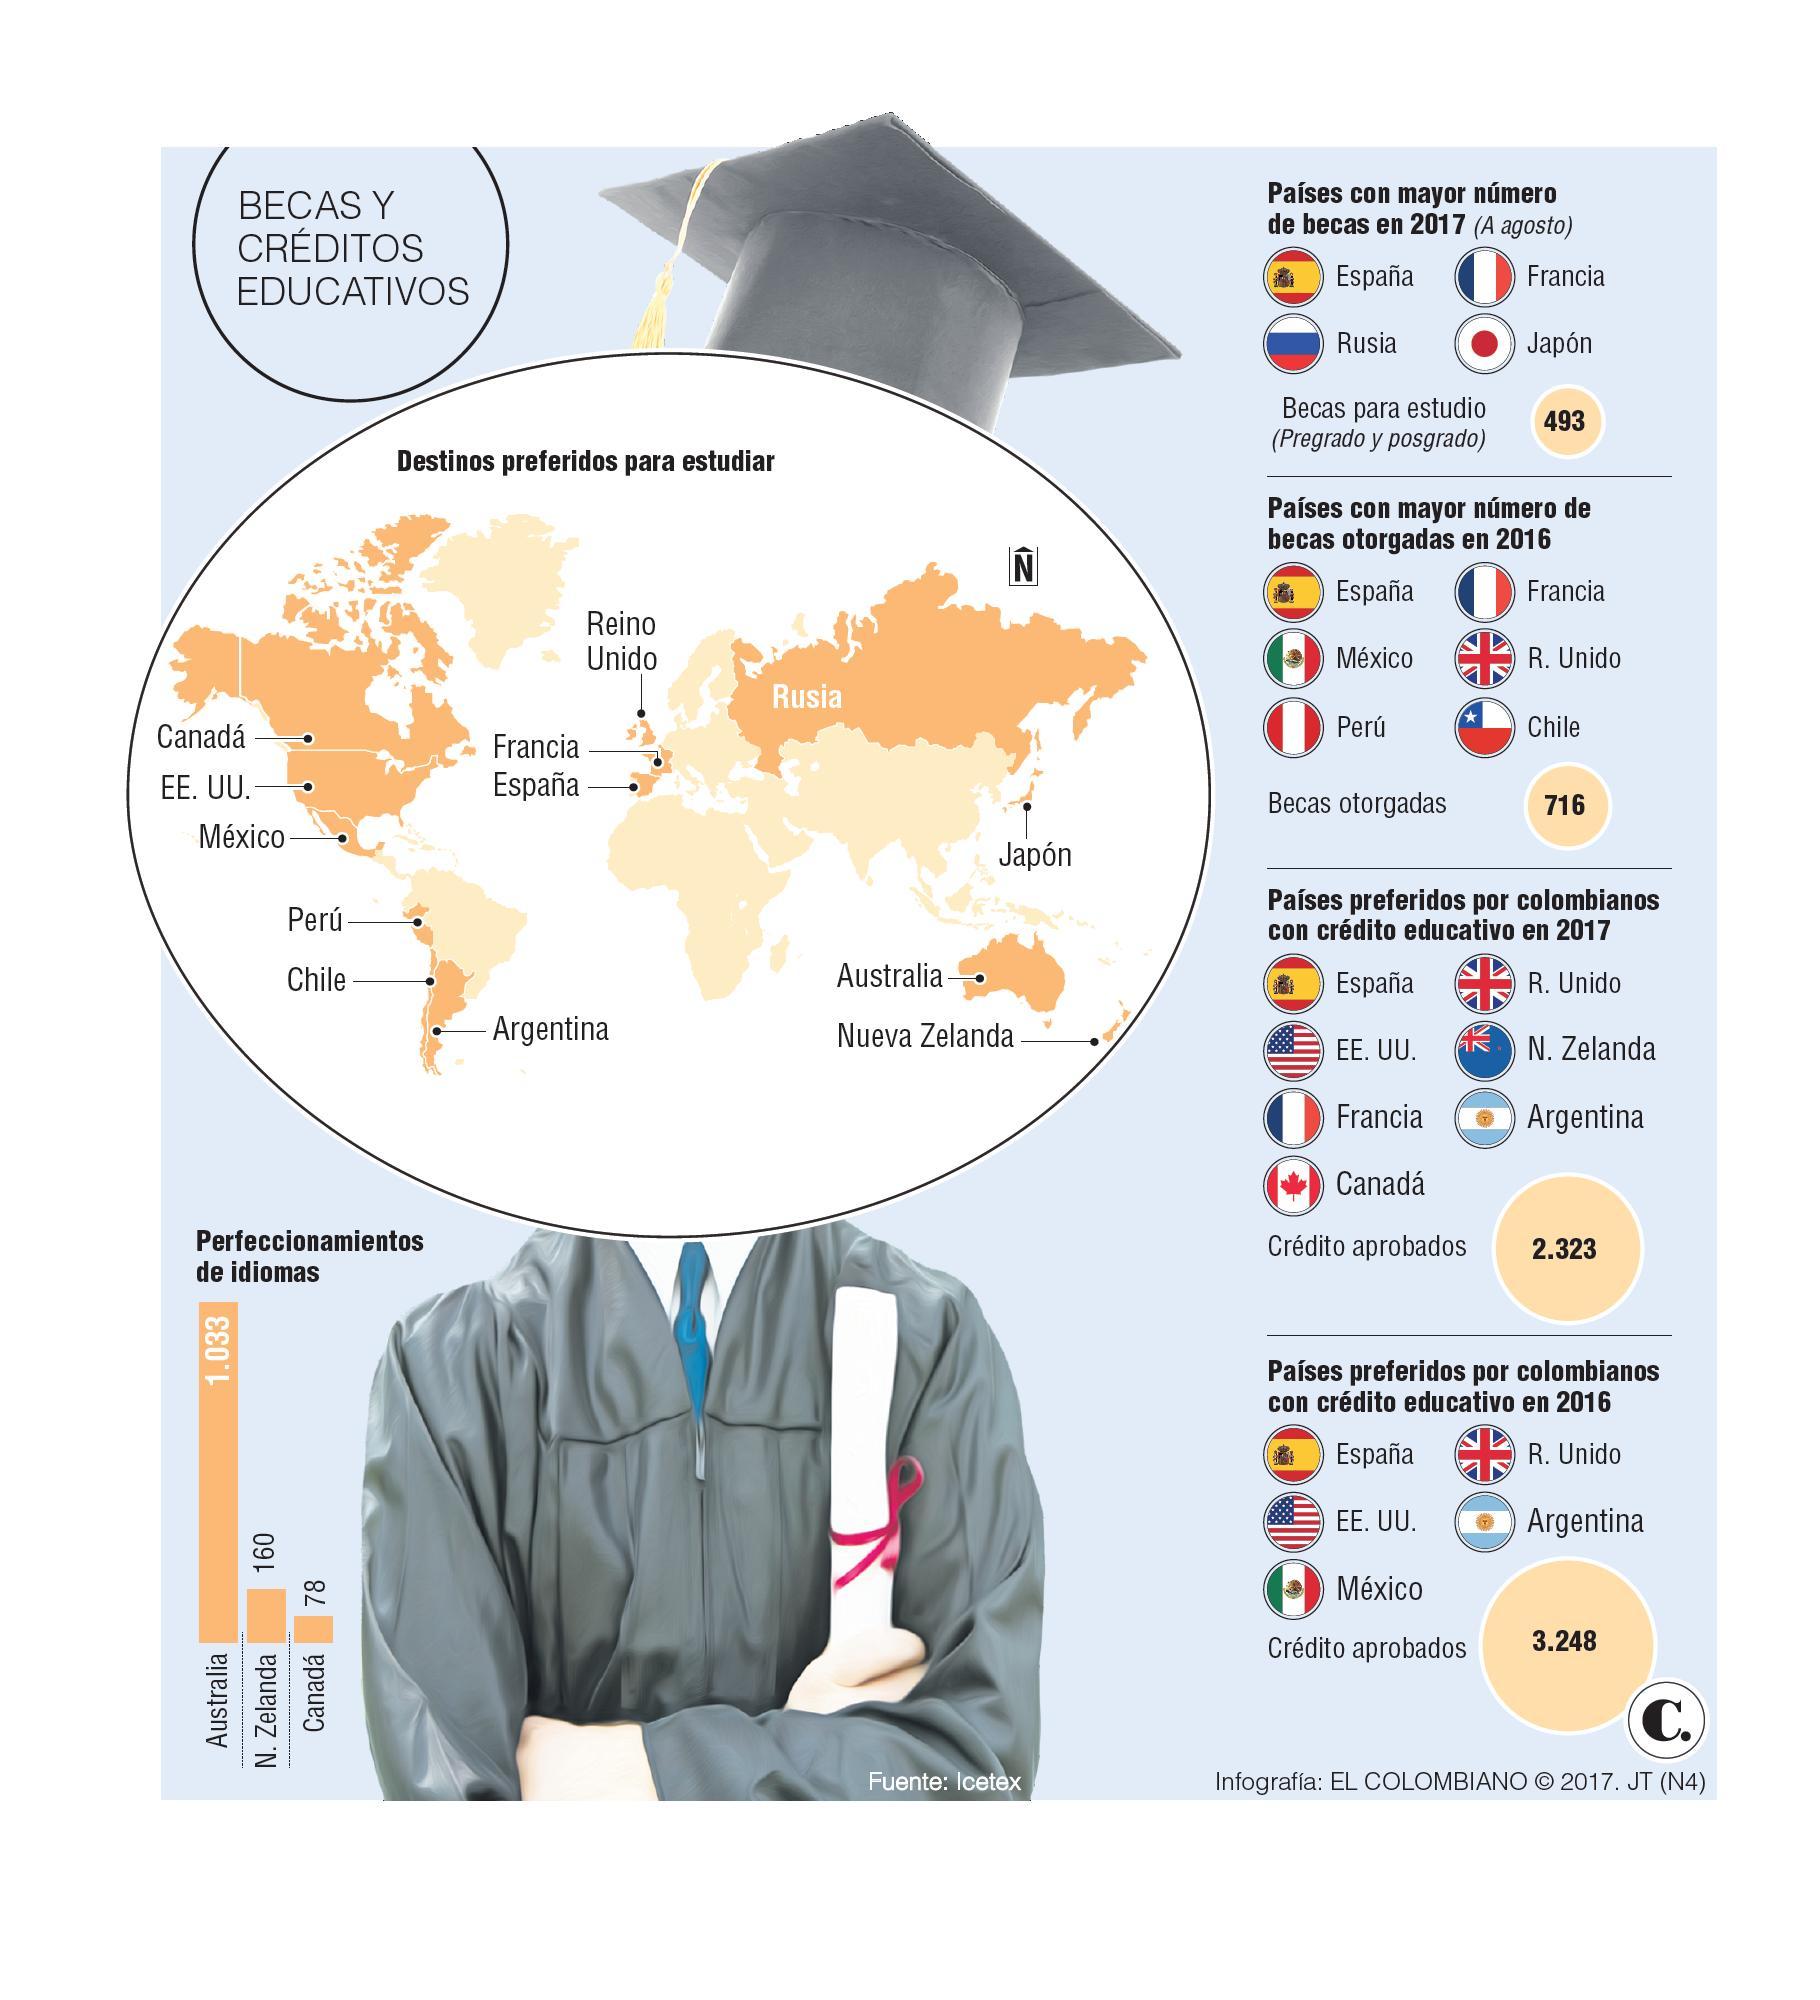 ¿Cuánto cuesta hacer un posgrado en el exterior?